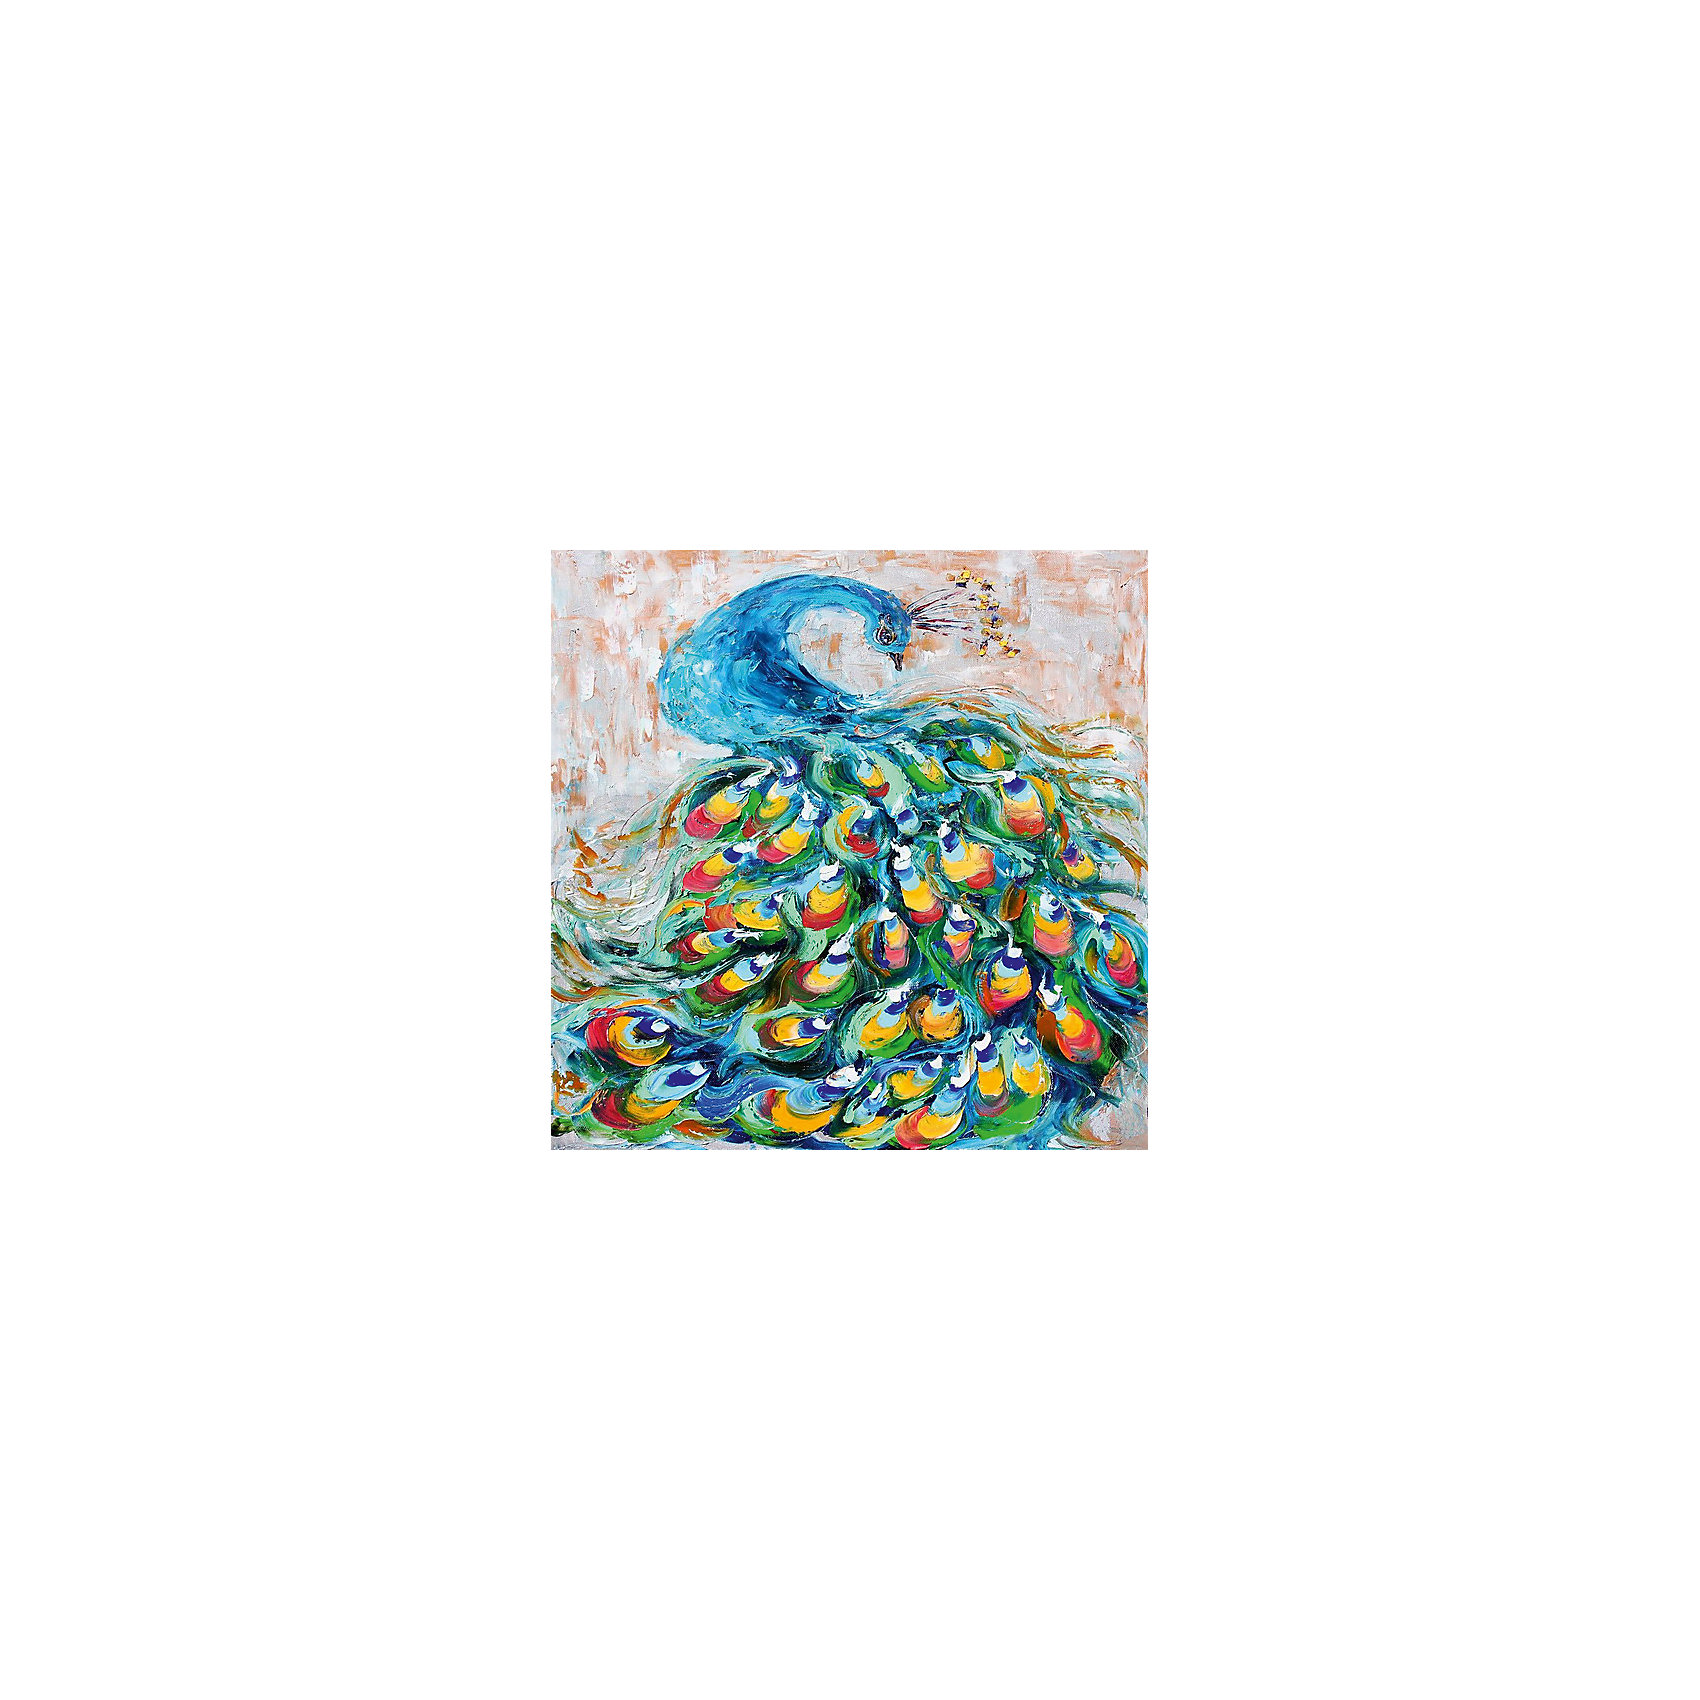 Картина - репродукция Павлин, Феникс-ПрезентПредметы интерьера<br>Картина - репродукция Павлин, Феникс-Презент <br><br>Характеристики:<br><br>• масляная печать на холсте<br>• дополнена ручной подрисовкой<br>• без рамки<br>• размер: 50х50х2,5 см<br><br>Картина-репродукция Павлин - прекрасный подарок для близкого человека. Она отлично впишется в интерьер помещения, добавит гармонии и внесет индивидуальность в атмосферу дома. Масляная печать на холсте дополняет ручная подрисовка красками. Размер картины - 50х50 сантиметров.<br><br>Картина - репродукция Павлин, Феникс-Презент вы можете купить в нашем интернет-магазине.<br><br>Ширина мм: 500<br>Глубина мм: 500<br>Высота мм: 250<br>Вес г: 355<br>Возраст от месяцев: -2147483648<br>Возраст до месяцев: 2147483647<br>Пол: Унисекс<br>Возраст: Детский<br>SKU: 5449543